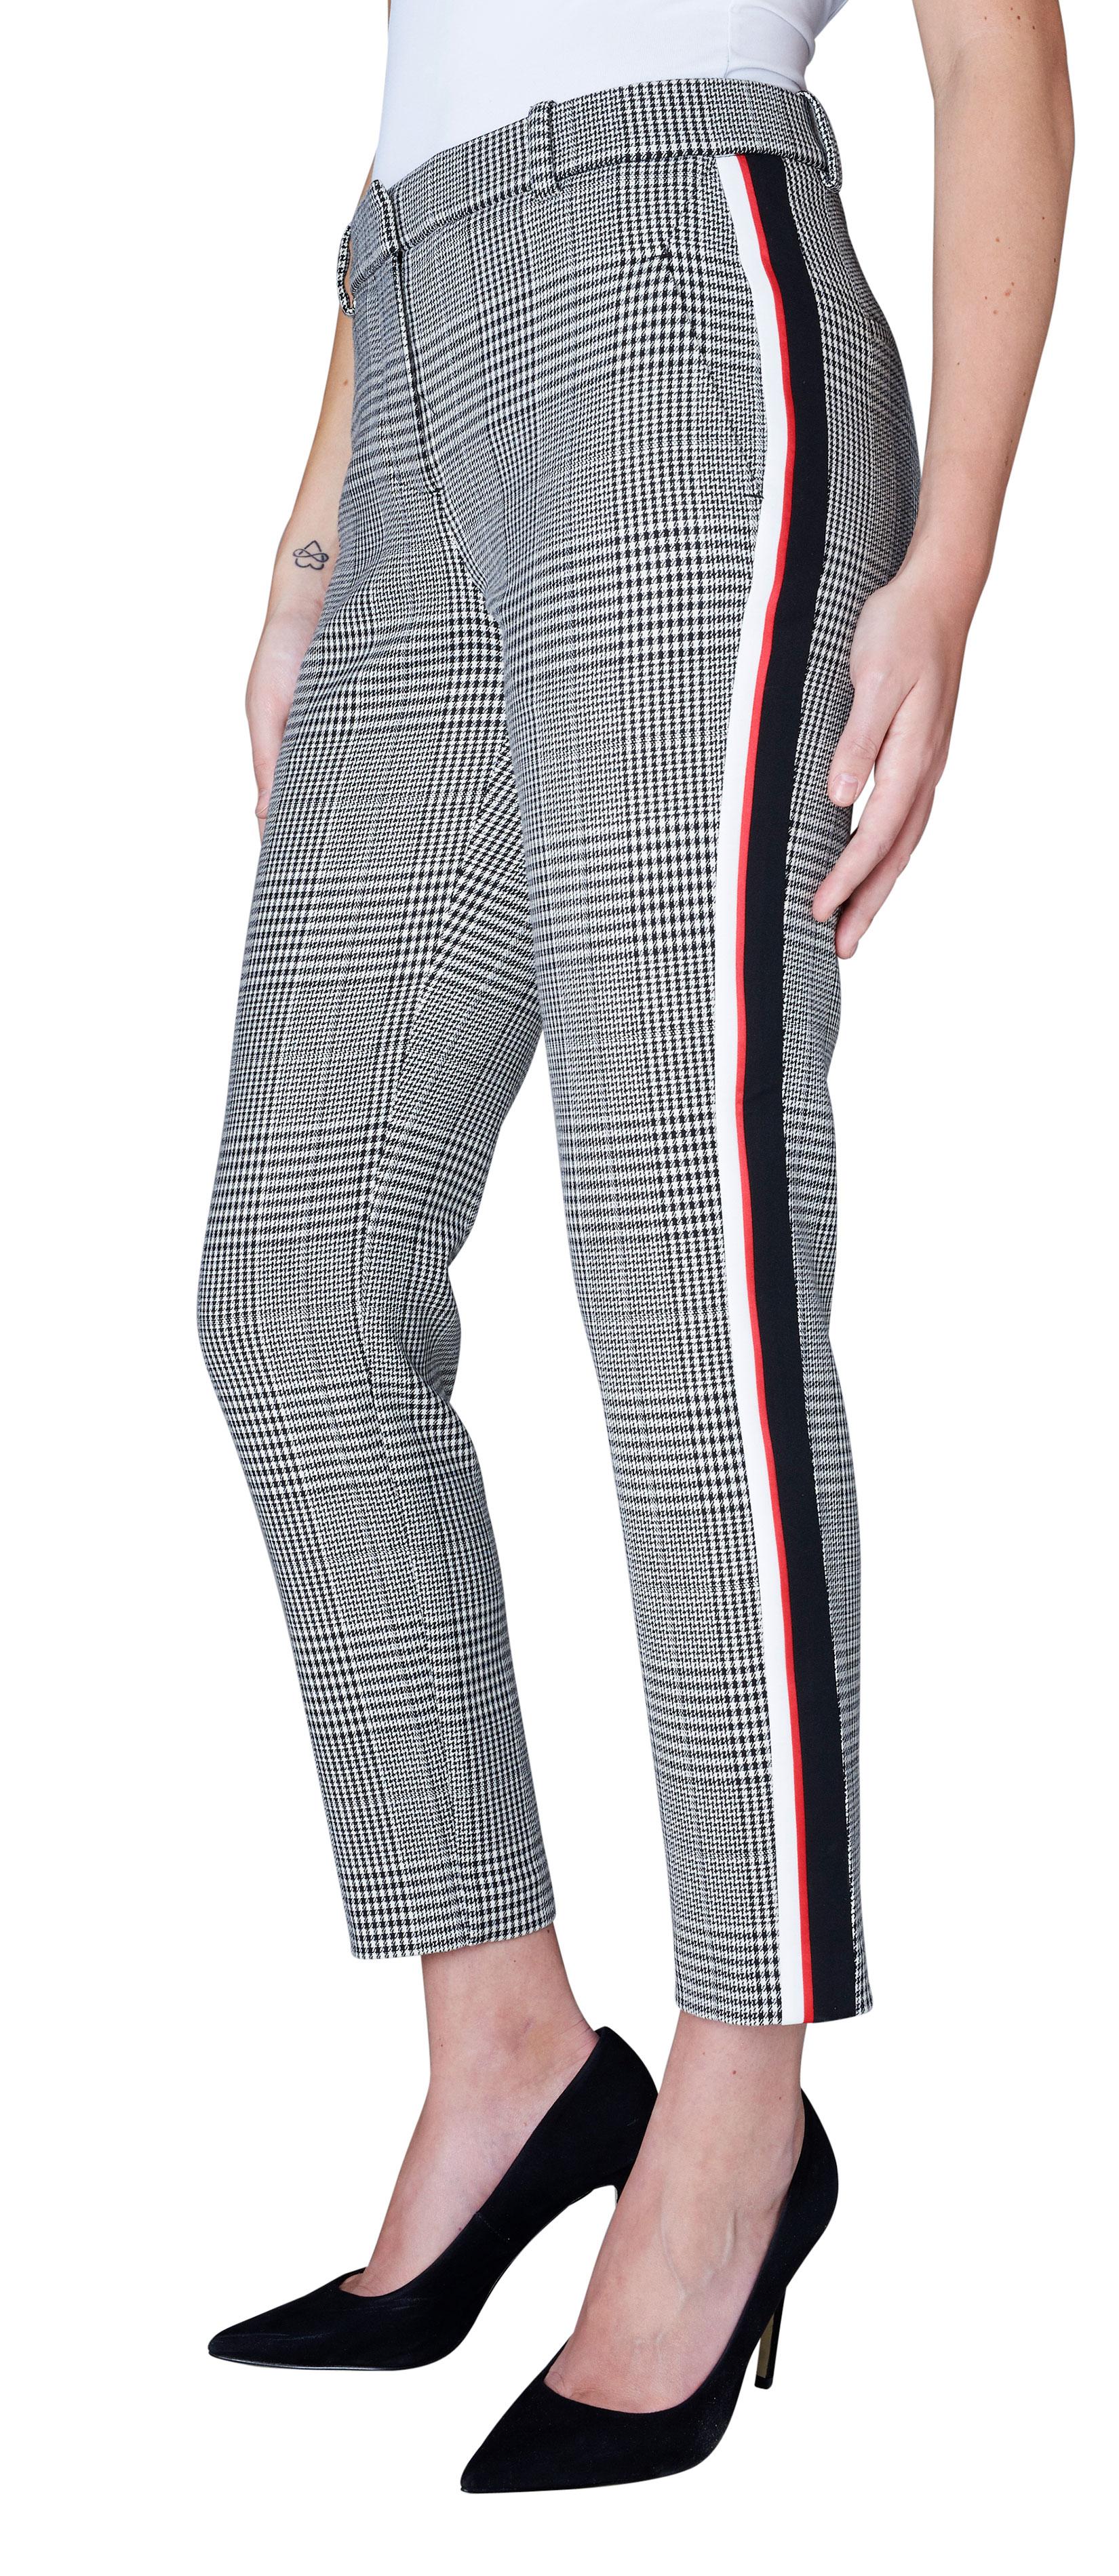 1a95a096 Fiveunits bukse Kylie med ruter – FiveUnits Kylie bukse med ruter og  striper i siden –